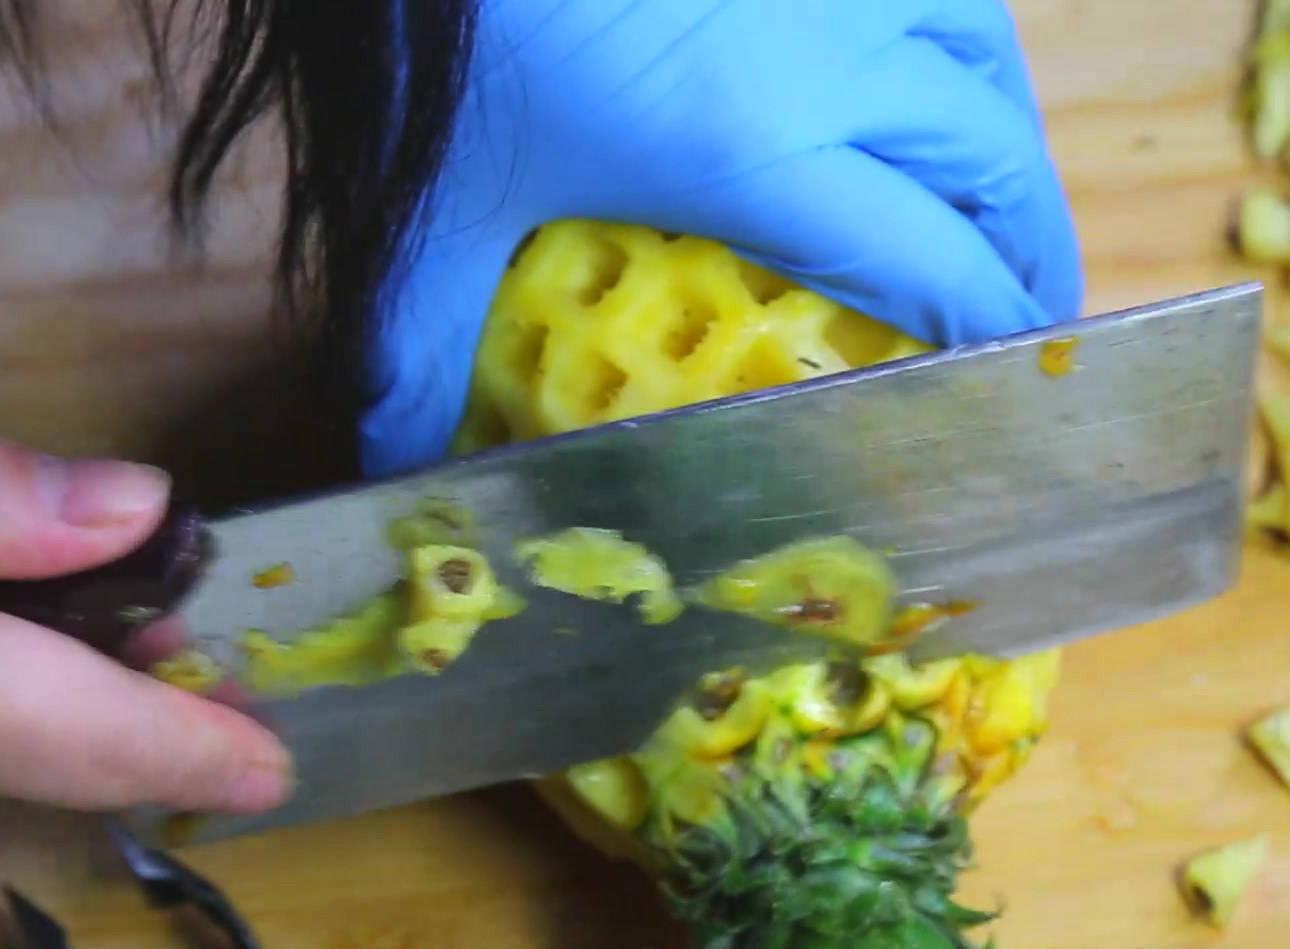 菠萝在家里怎么削皮(削菠萝有几种方法呢)插图(8)